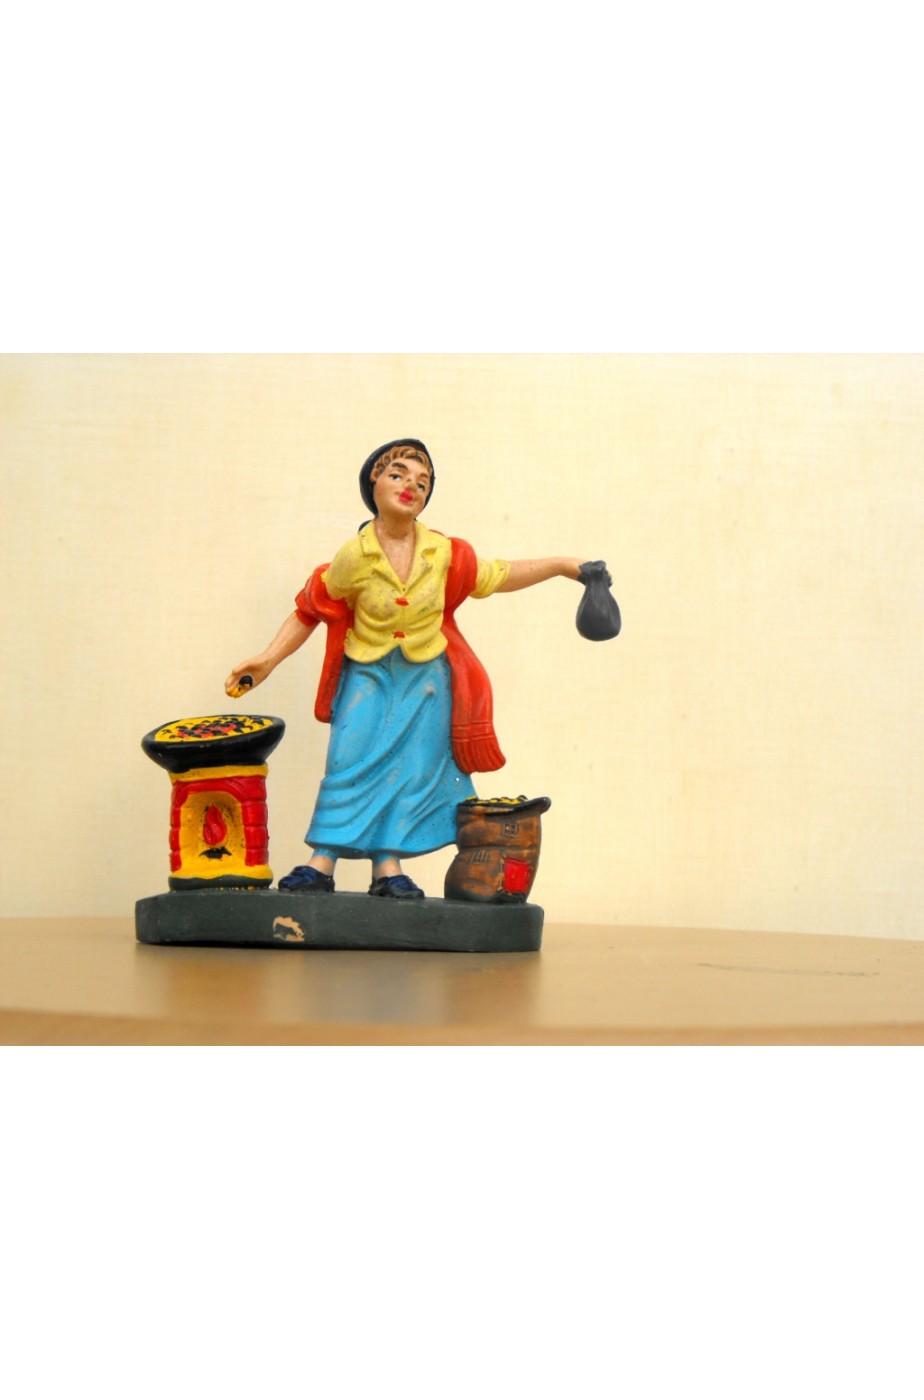 Figurina Presepe in plastica (cm 10) Pizzaiola con forno